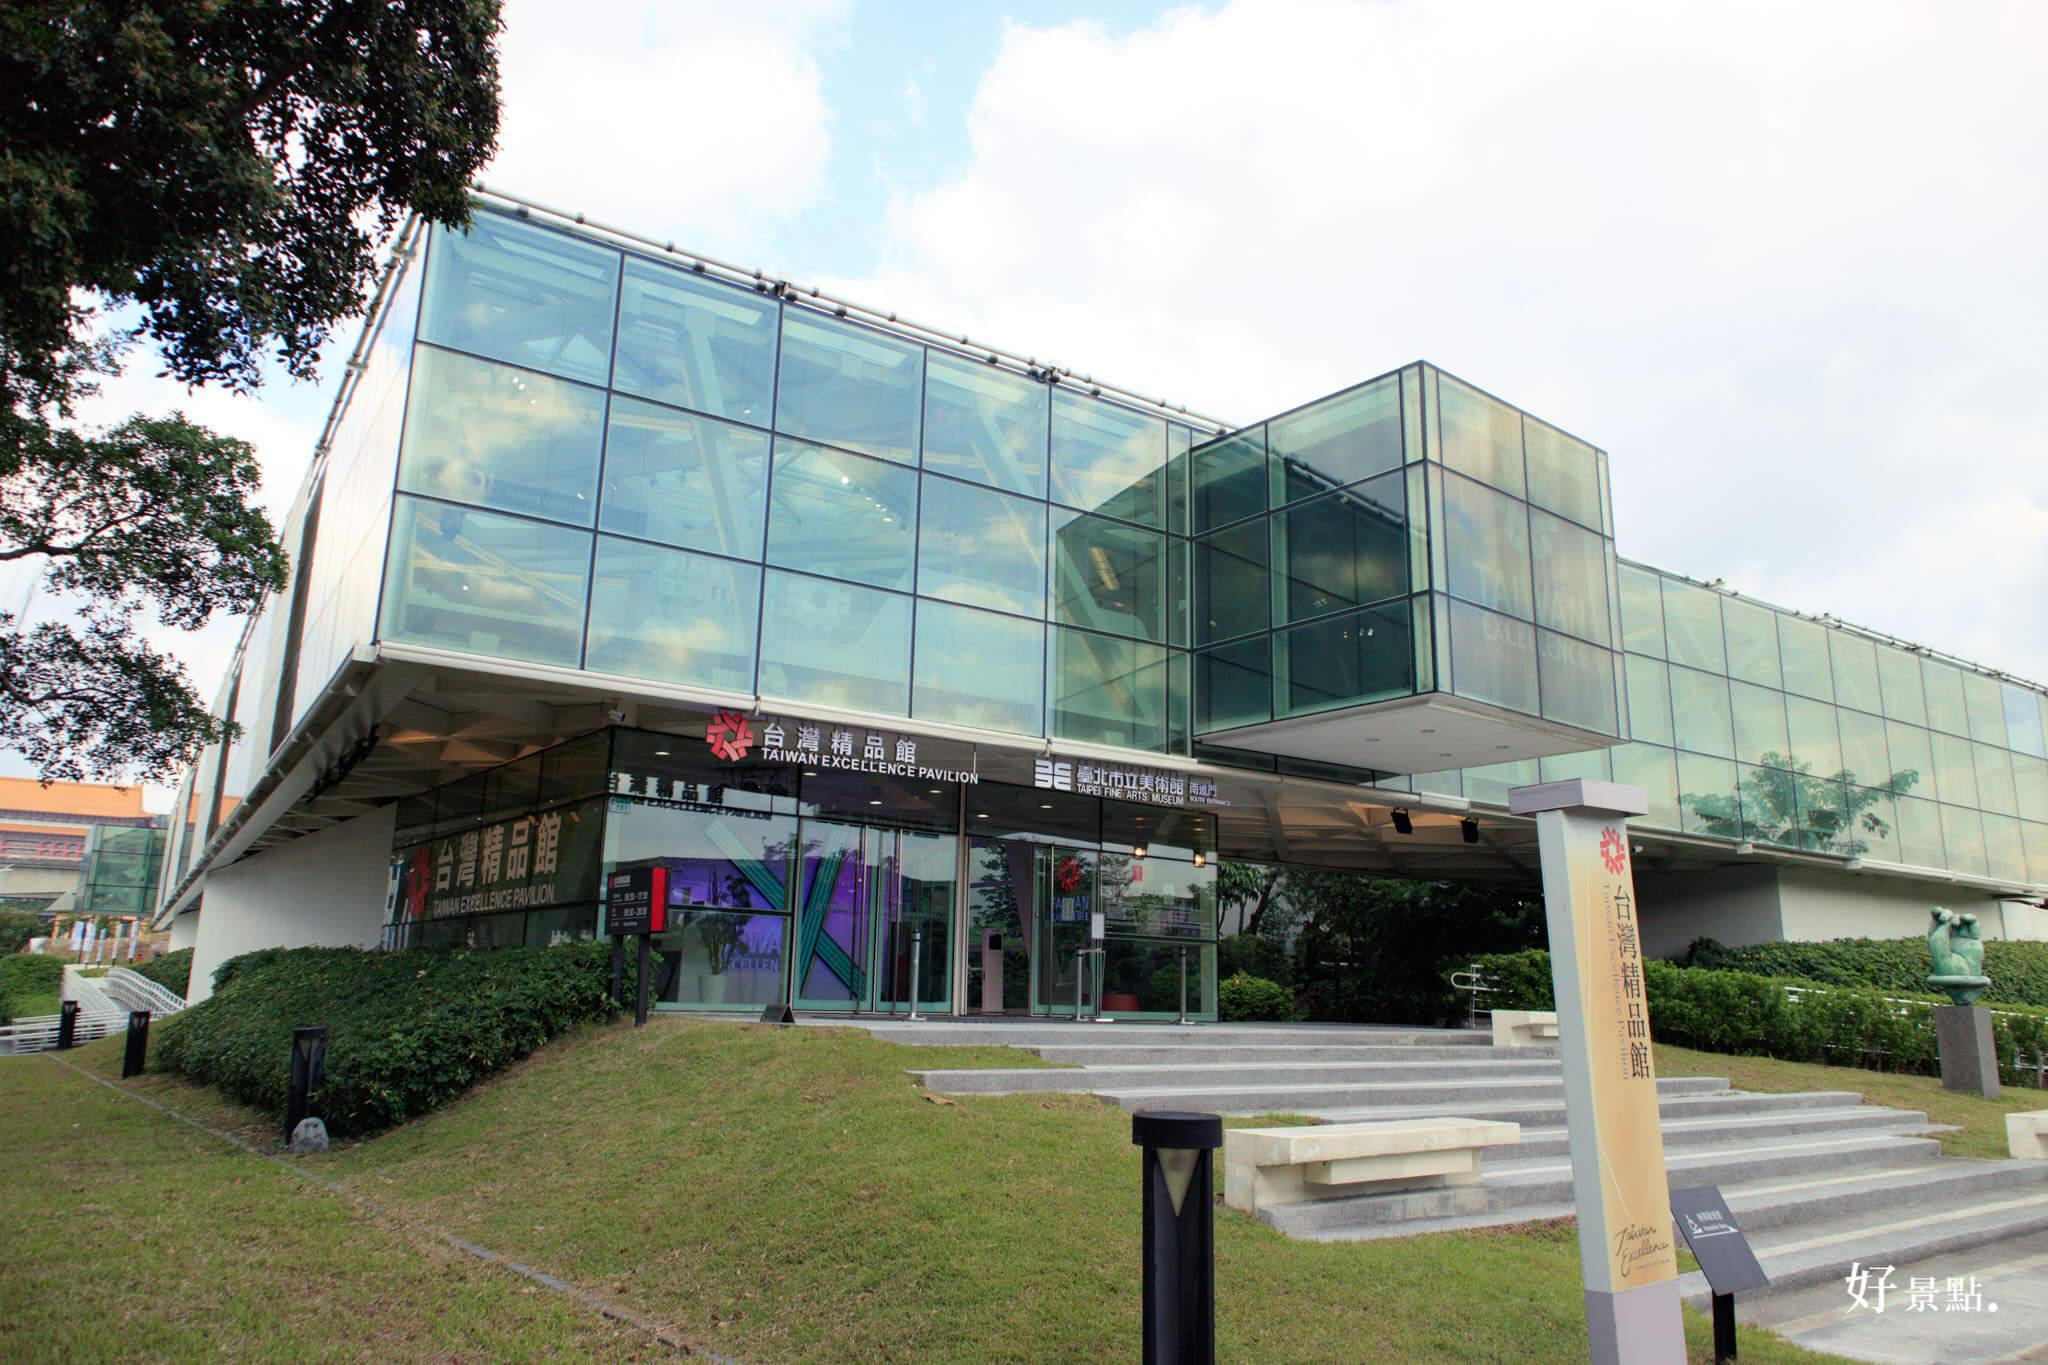  台北。中山 台北市立美術館《庇護所》超大竹編藝術!來這裡感受山林洗滌心靈吧!